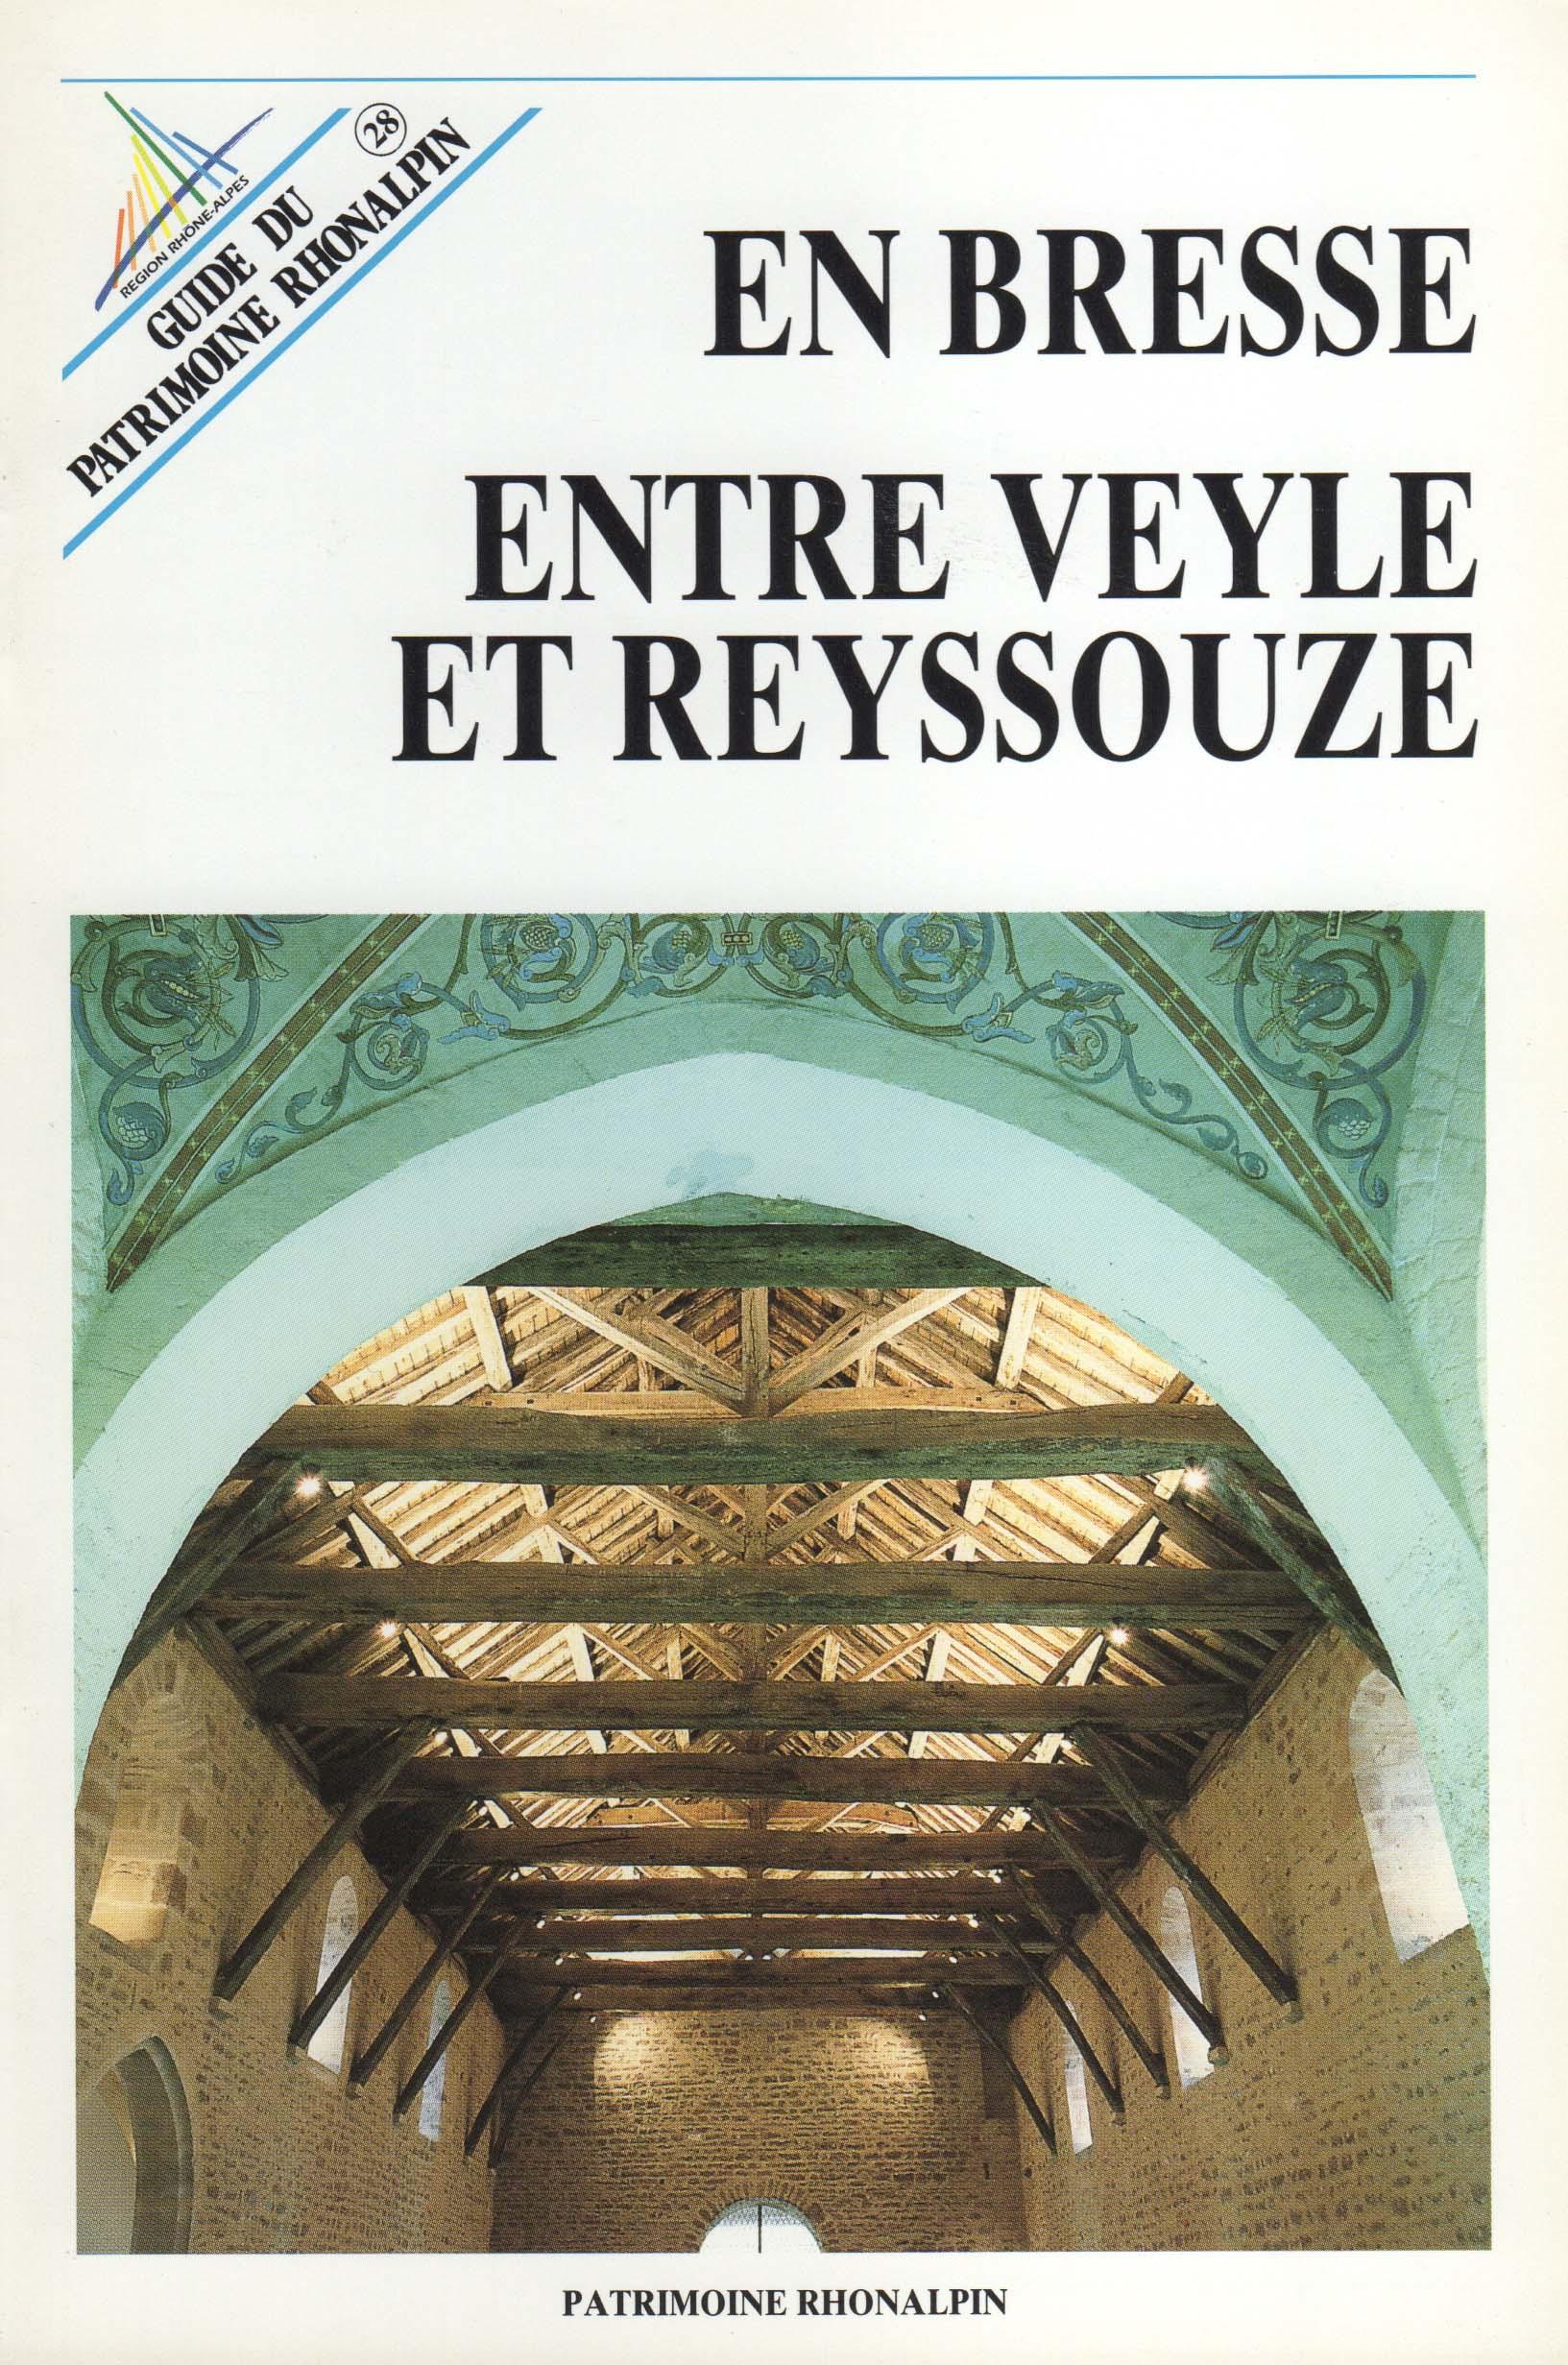 Guide n°28 – En Bresse entre Veyle et Reyssouze